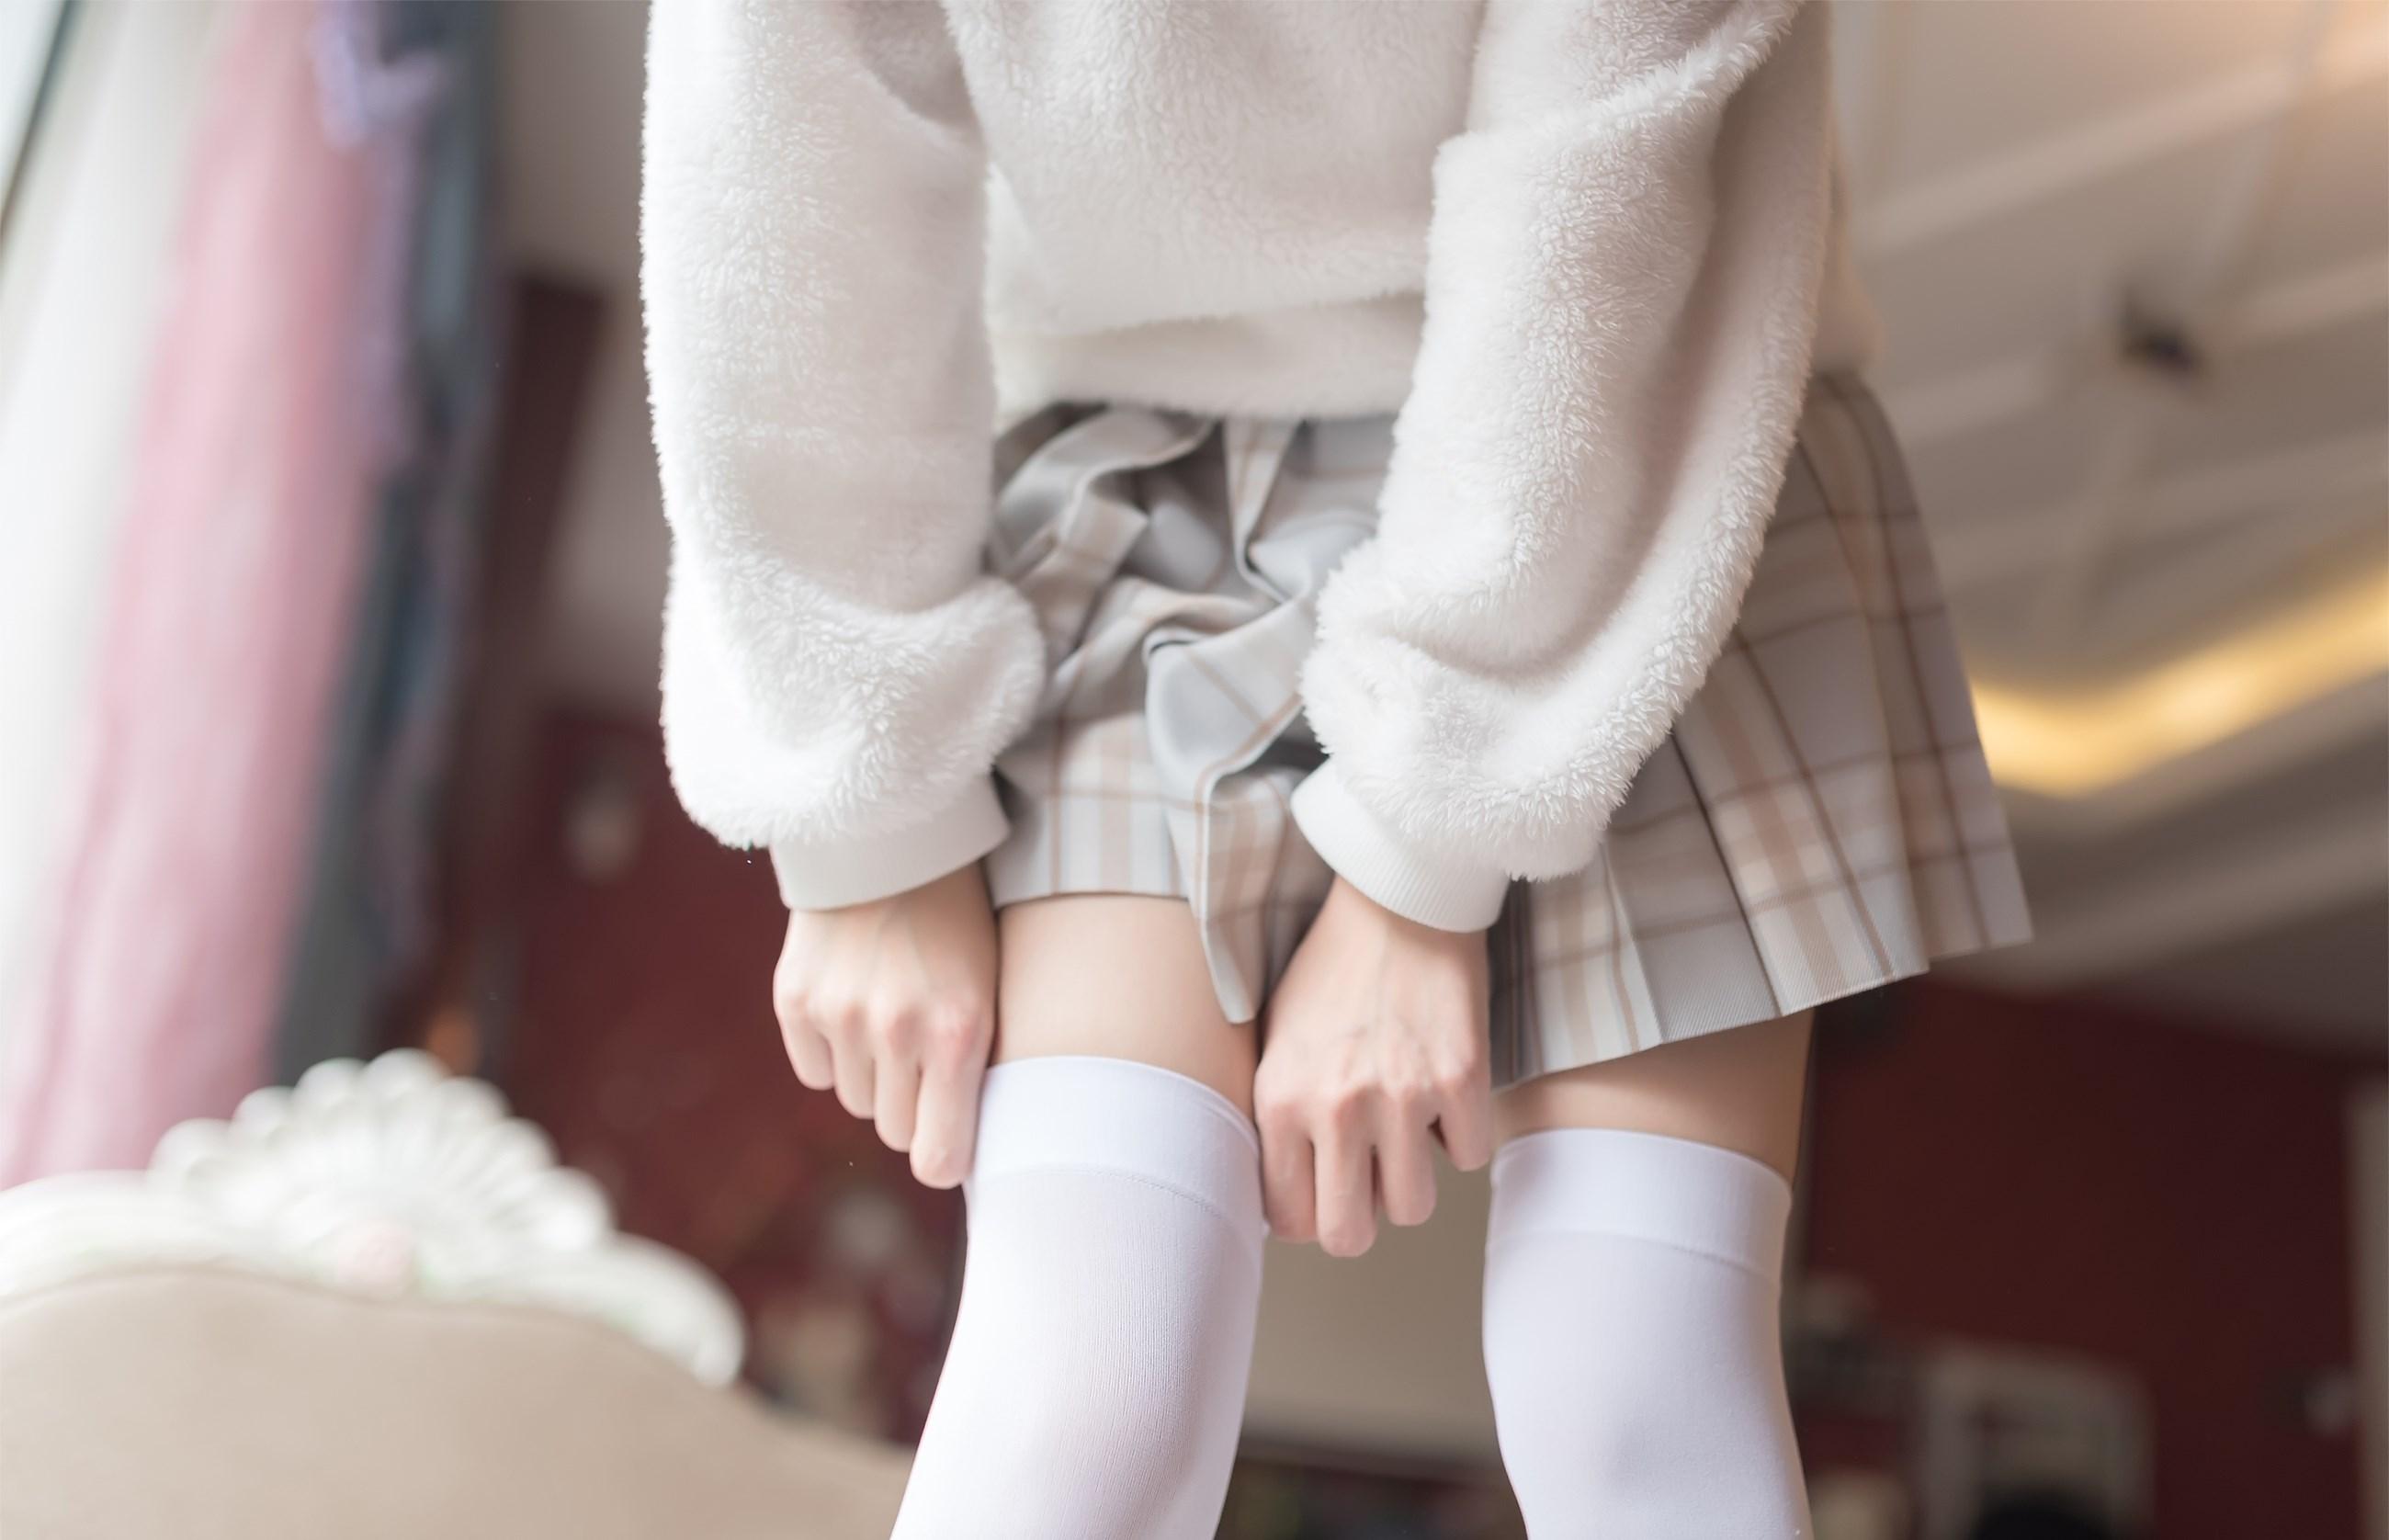 【兔玩映画】露肩少女 兔玩映画 第29张